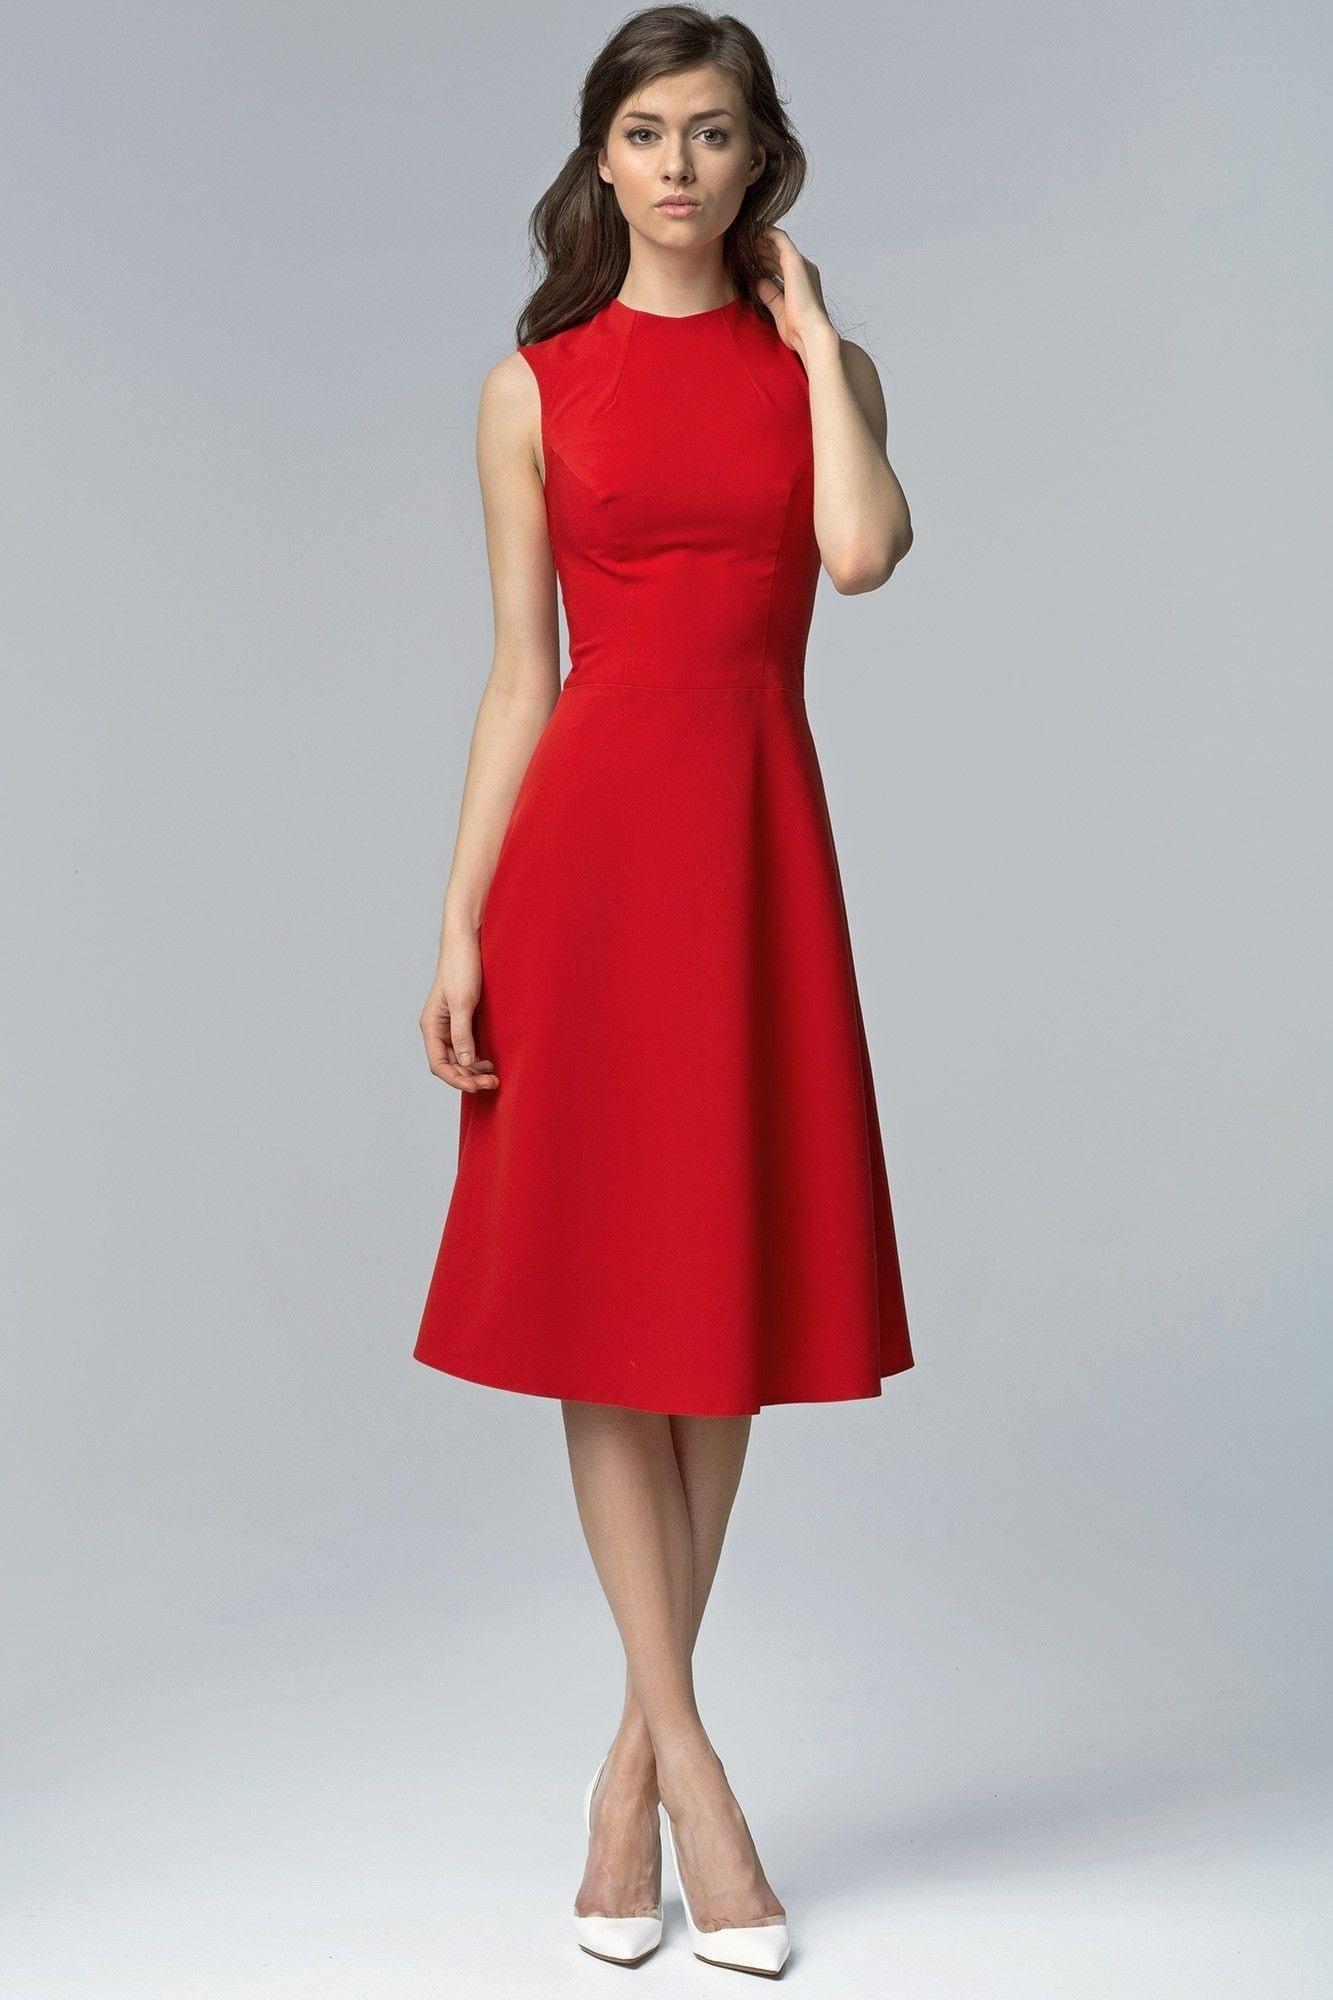 13 Elegant Kleid Für Hochzeit Rot Boutique - Abendkleid